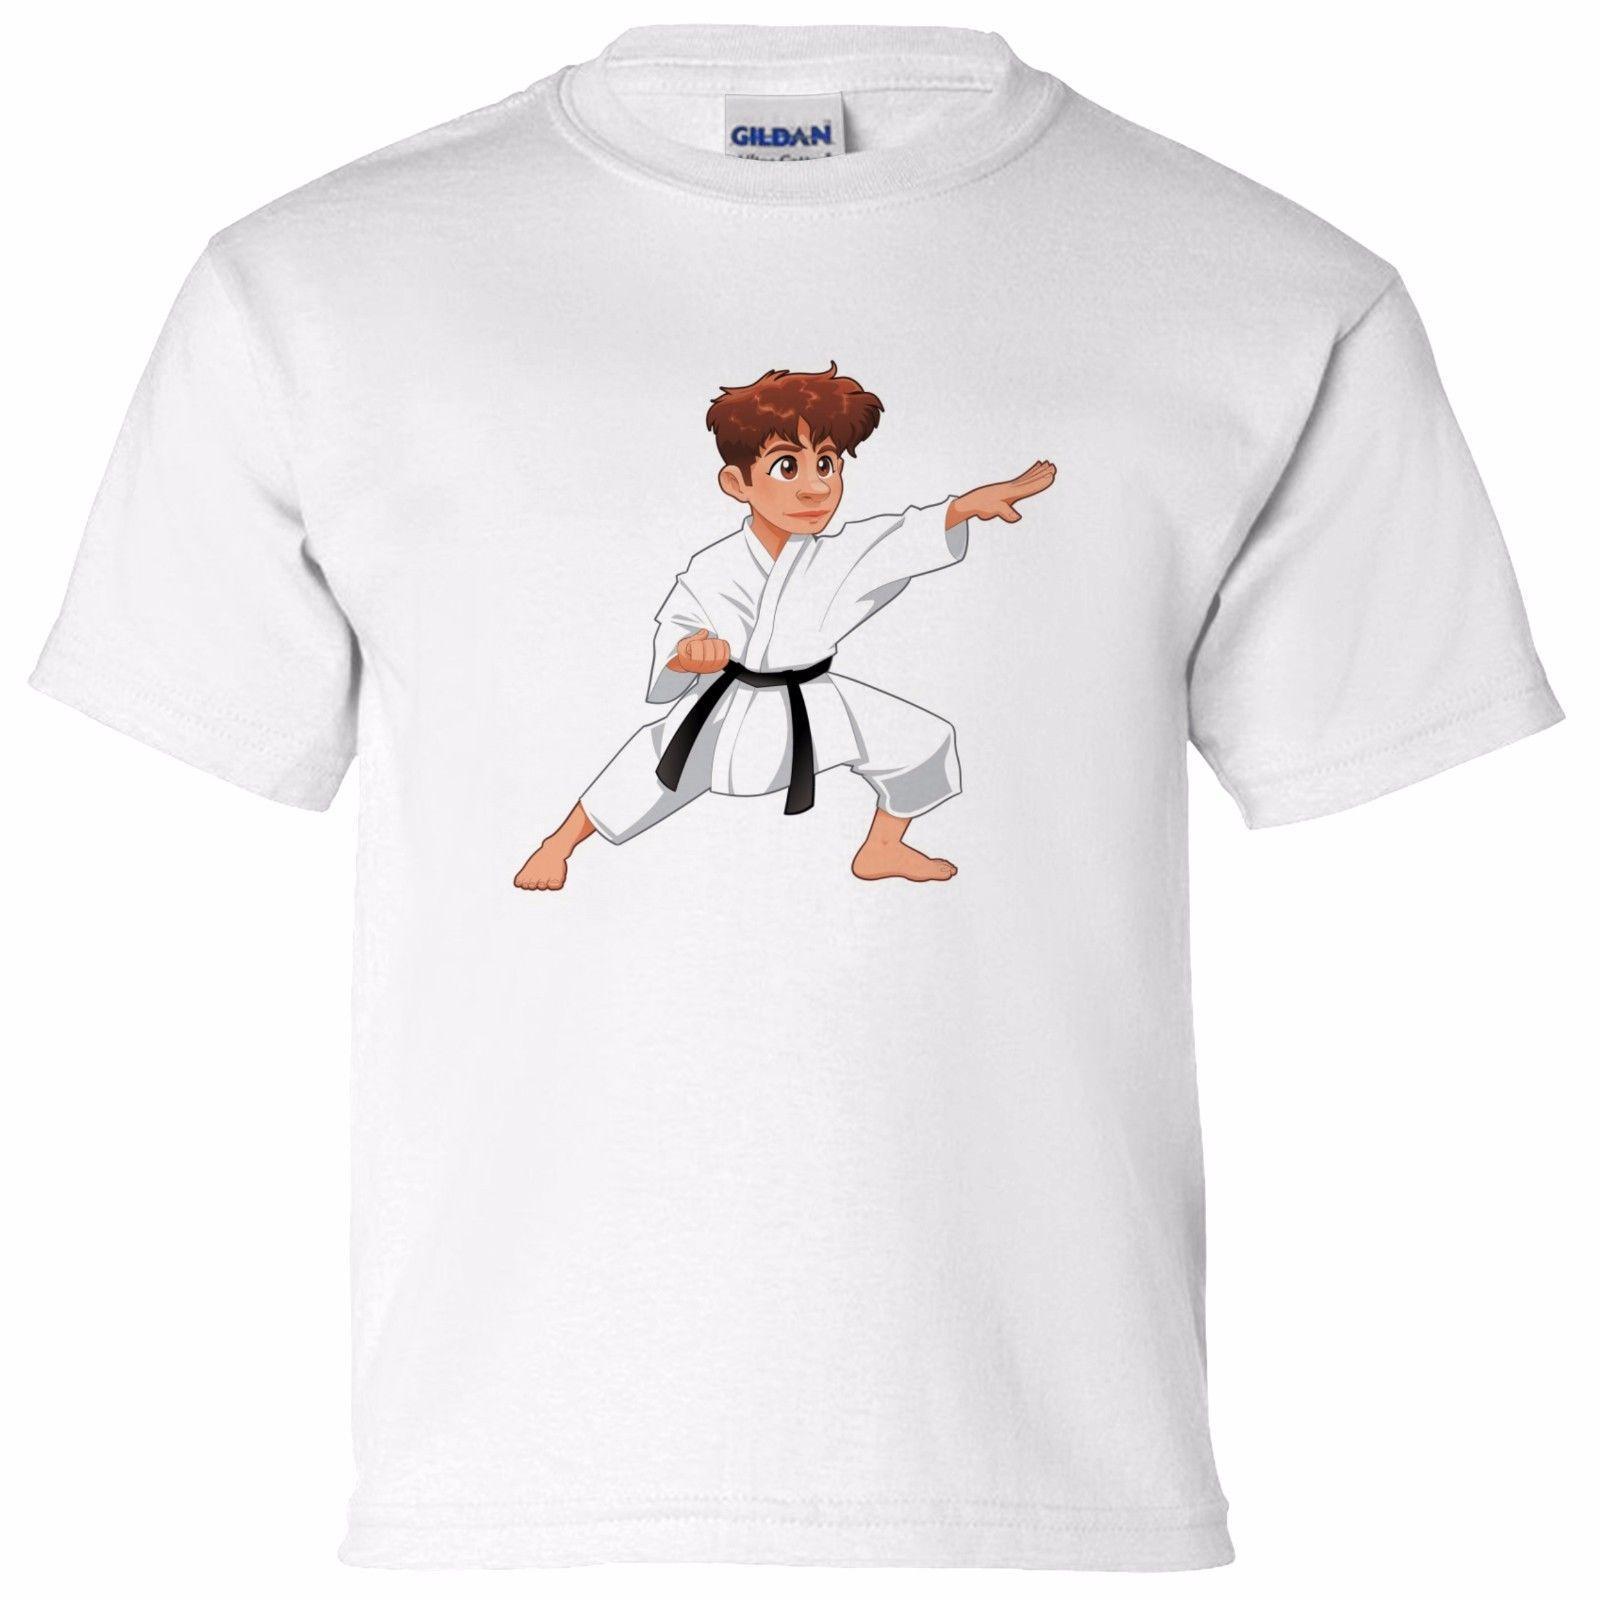 Grosshandel Karate Kinder Karikatur Jungen Madchen Kinder T Shirt